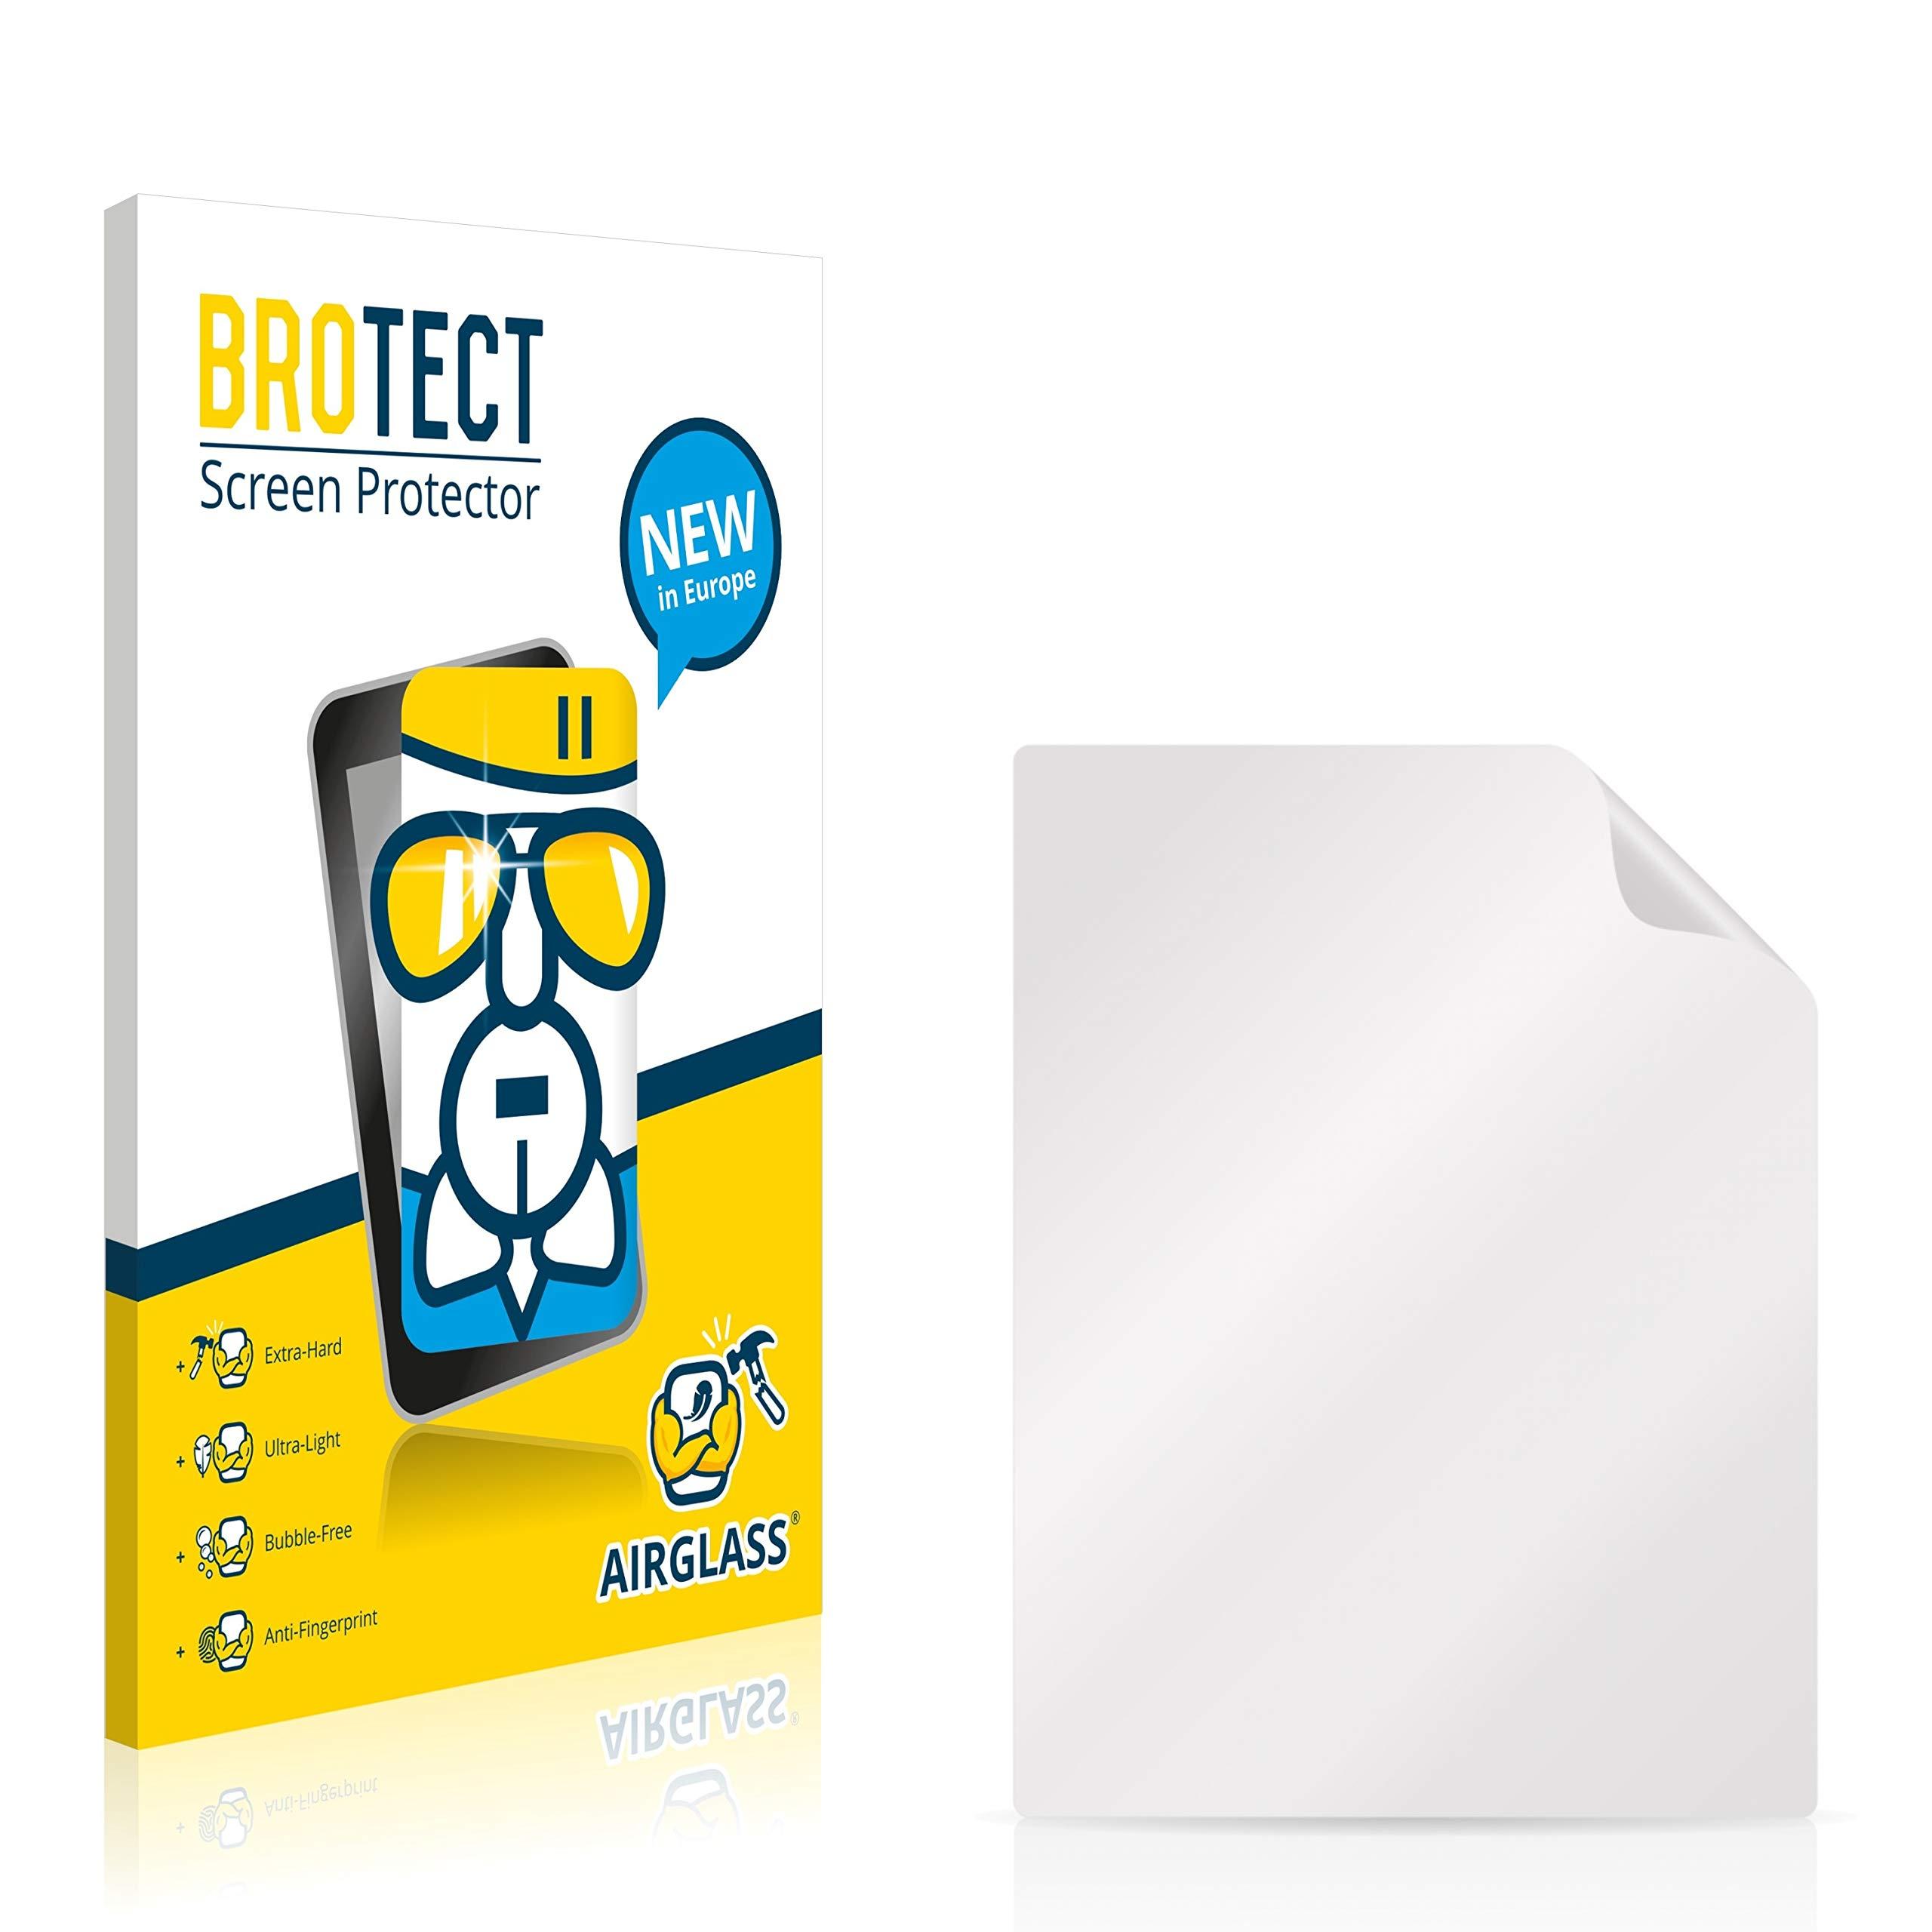 BROTECT Protector Pantalla Cristal Compatible con Kobo eReader Touch Protector Pantalla Vidrio: Amazon.es: Electrónica